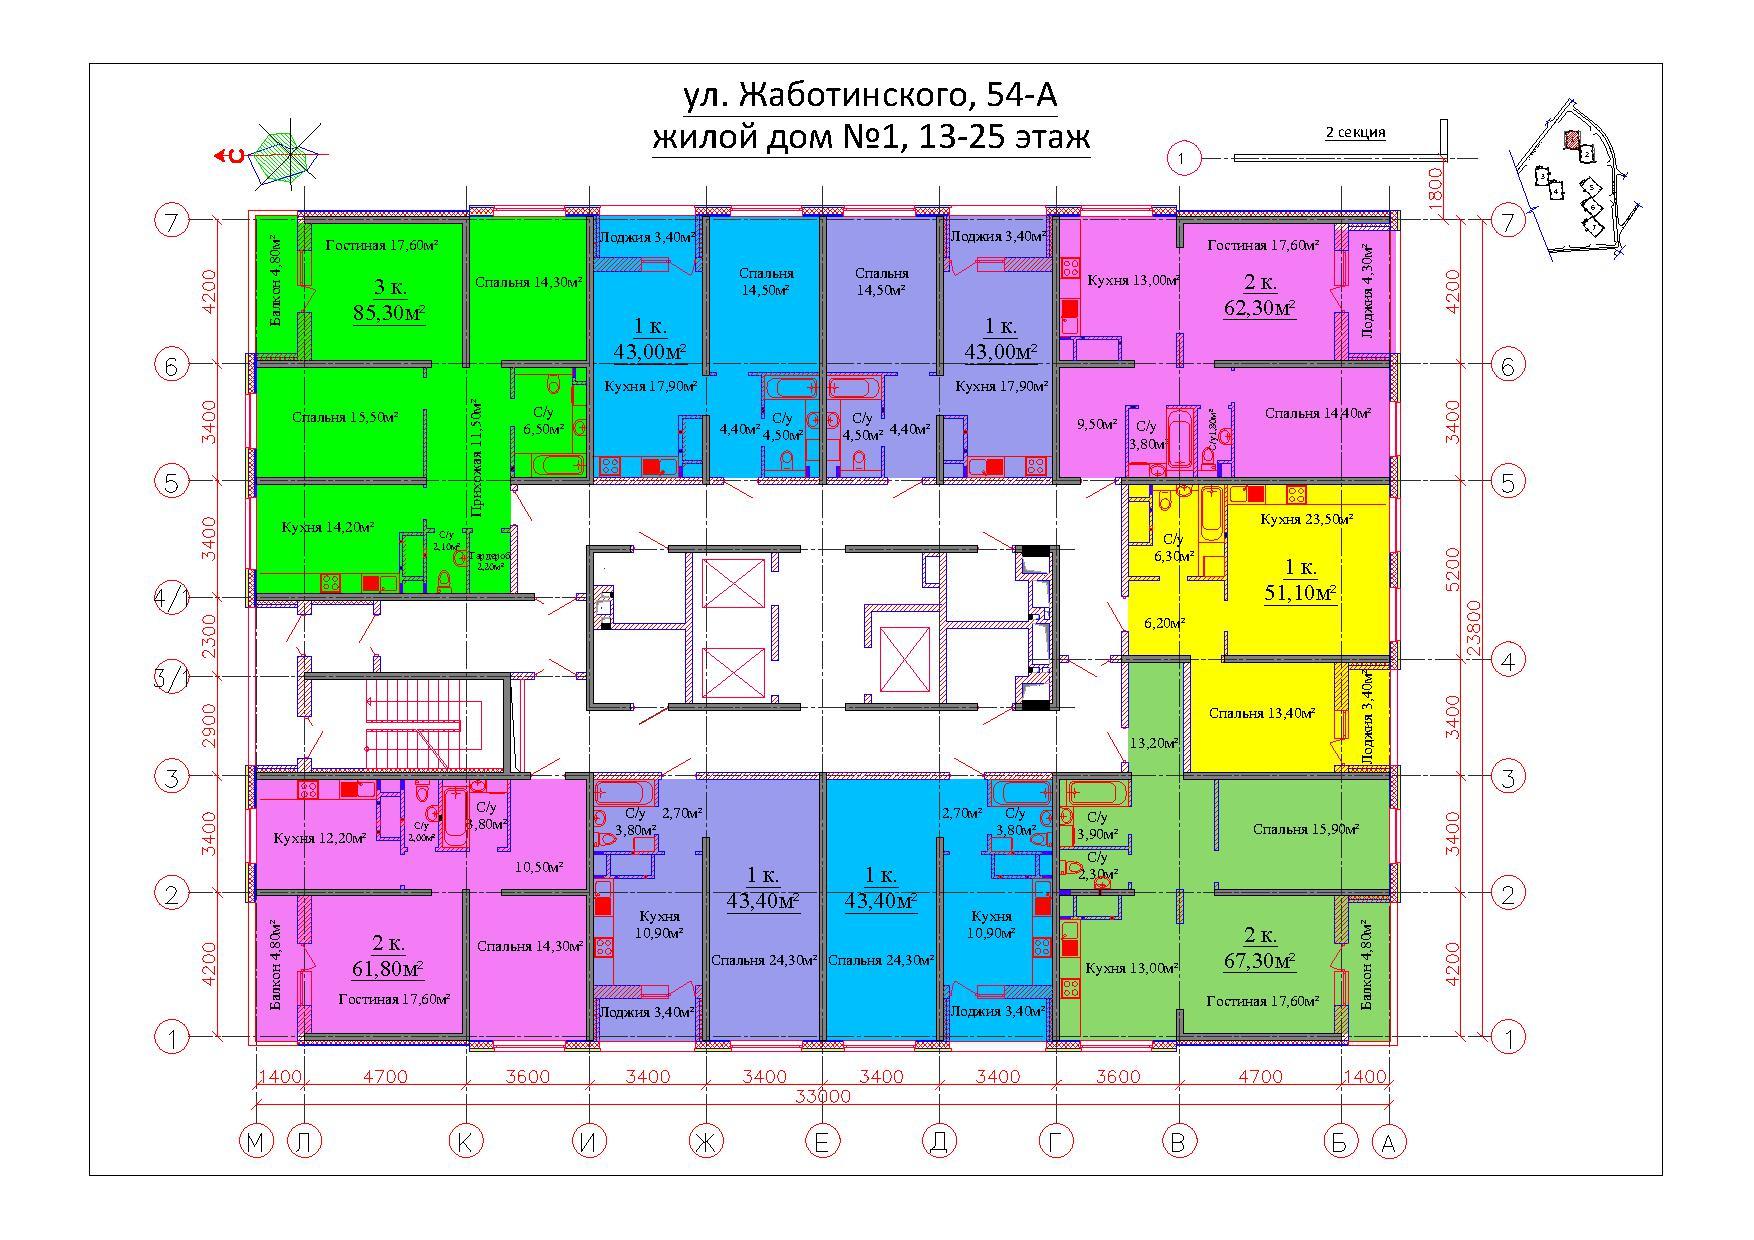 ЖК на Жаботинского Будова (Альтаир 3) / Секция 1 / План 13-25 этажей